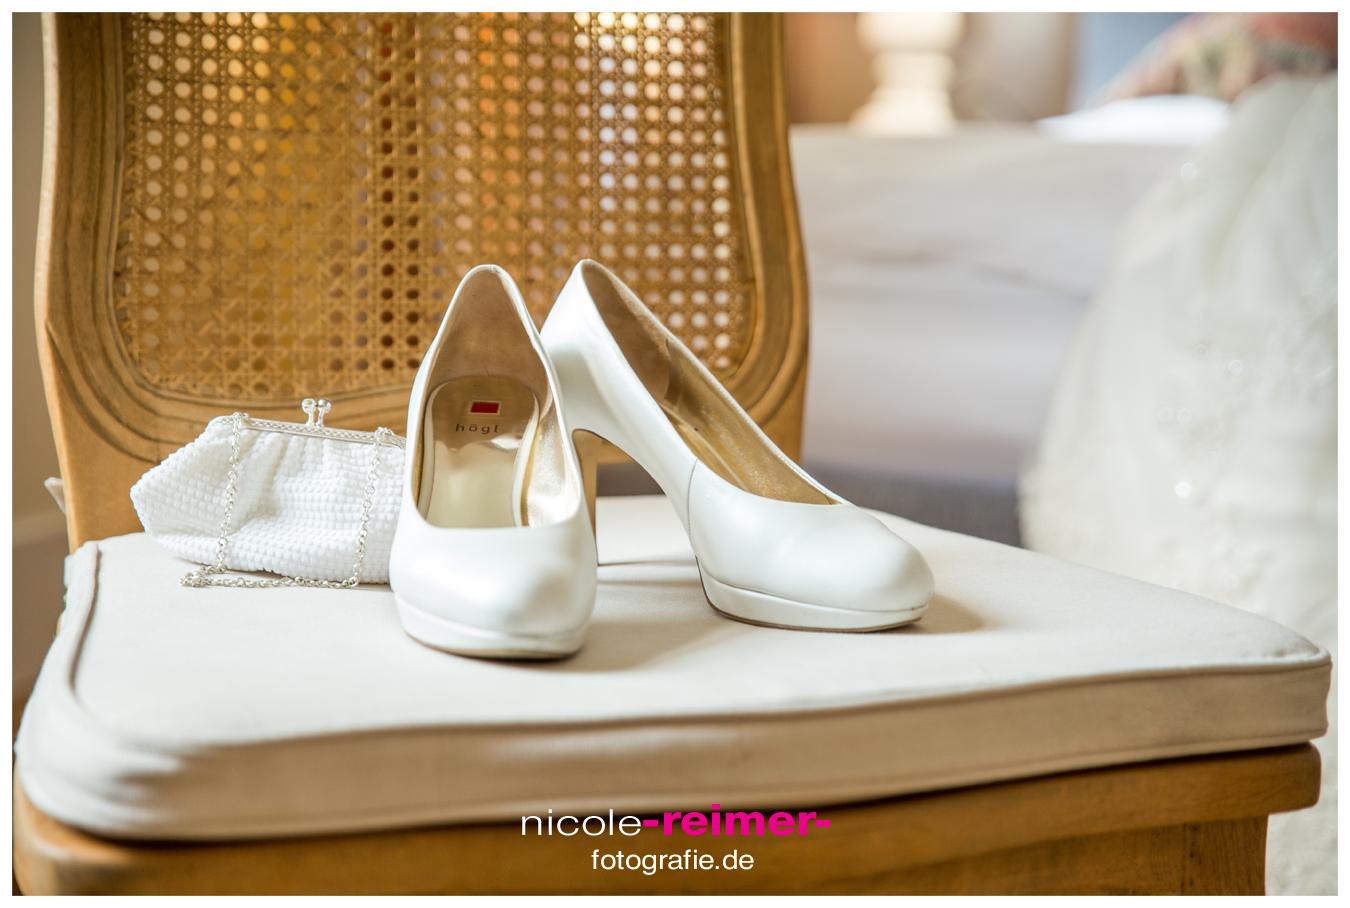 Nicole_Reimer_Hochzeitsfotografie_Getting_Ready_3